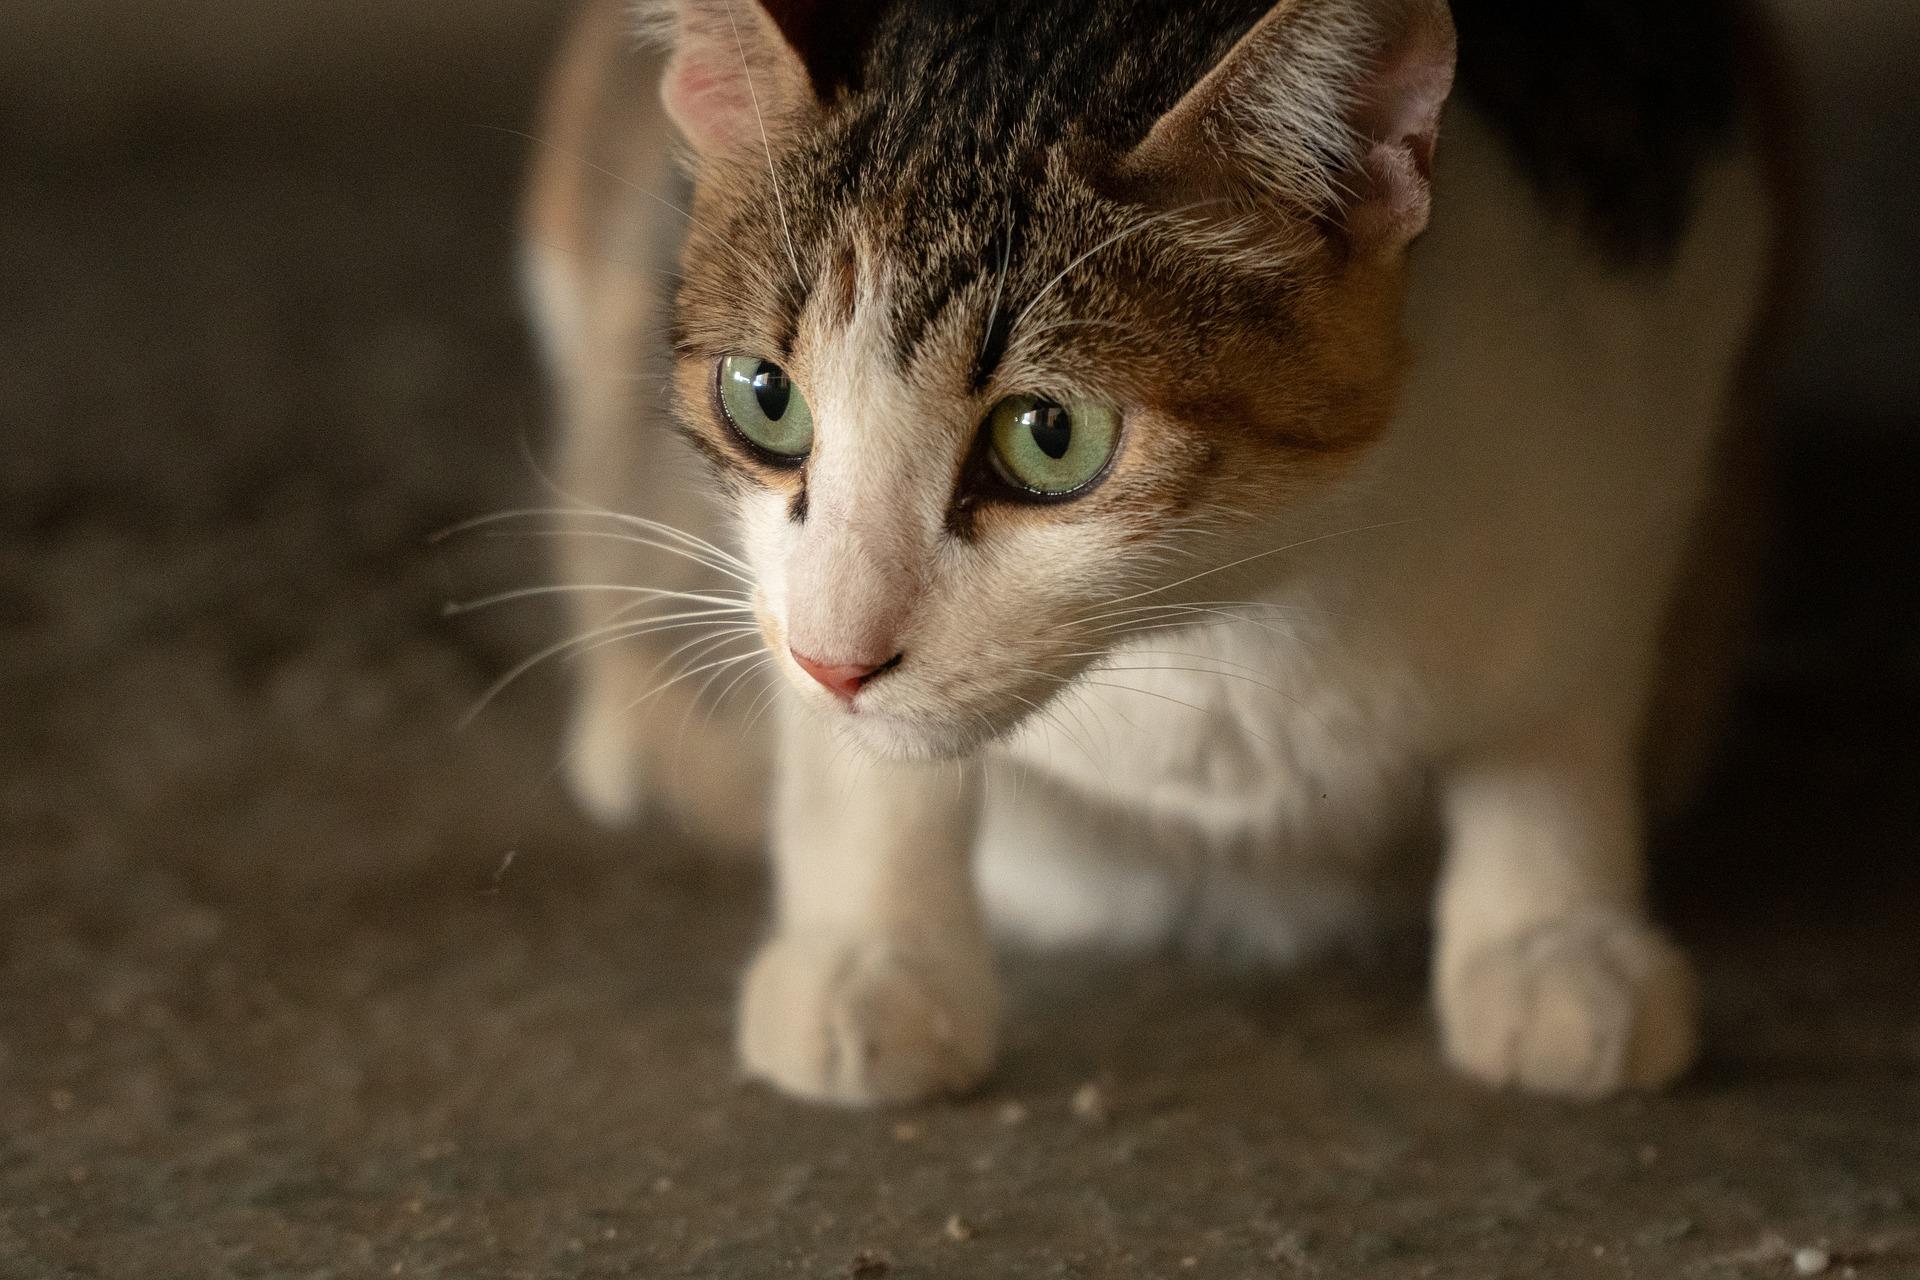 Nawet dorosłego kota można oswoić, jeśli zachowa się przy tym spokój i cierpliwość.